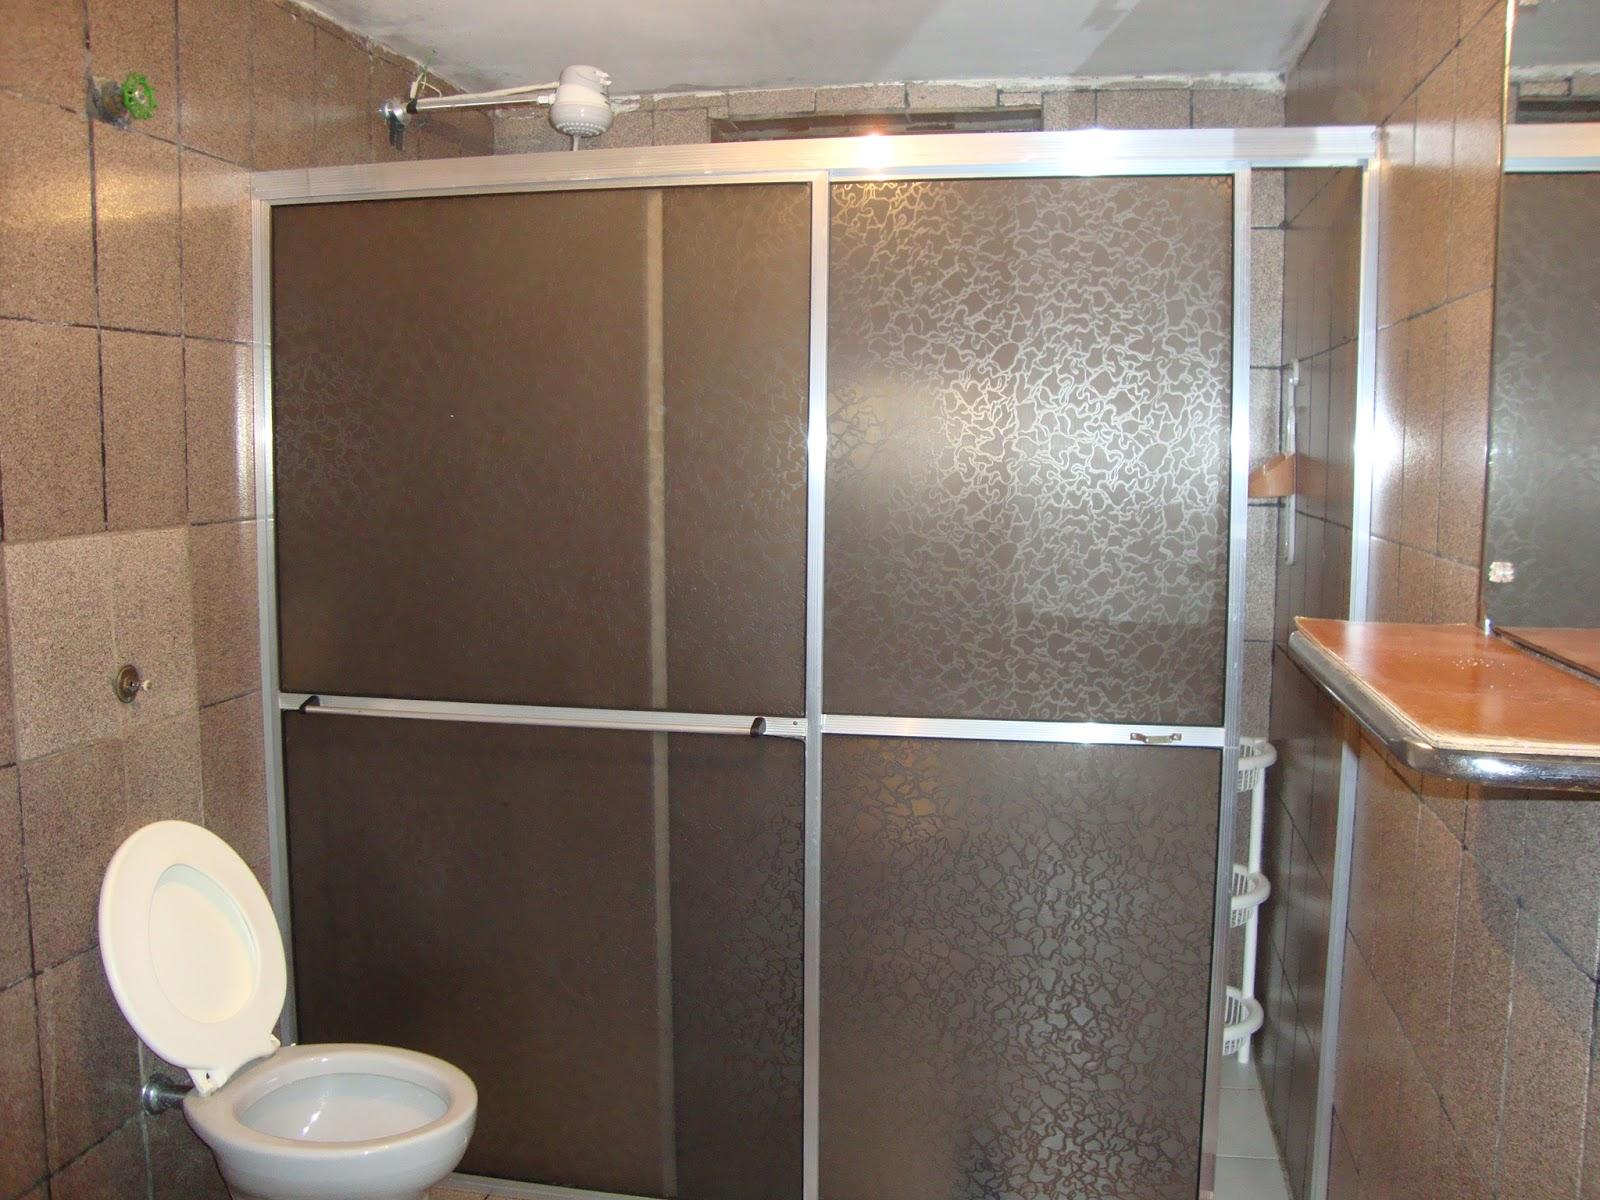 Imagens de #965935 Mart in design: Projeto de reforma Banheiro 1600x1200 px 3256 Box Acrilico Para Banheiro Em Salvador